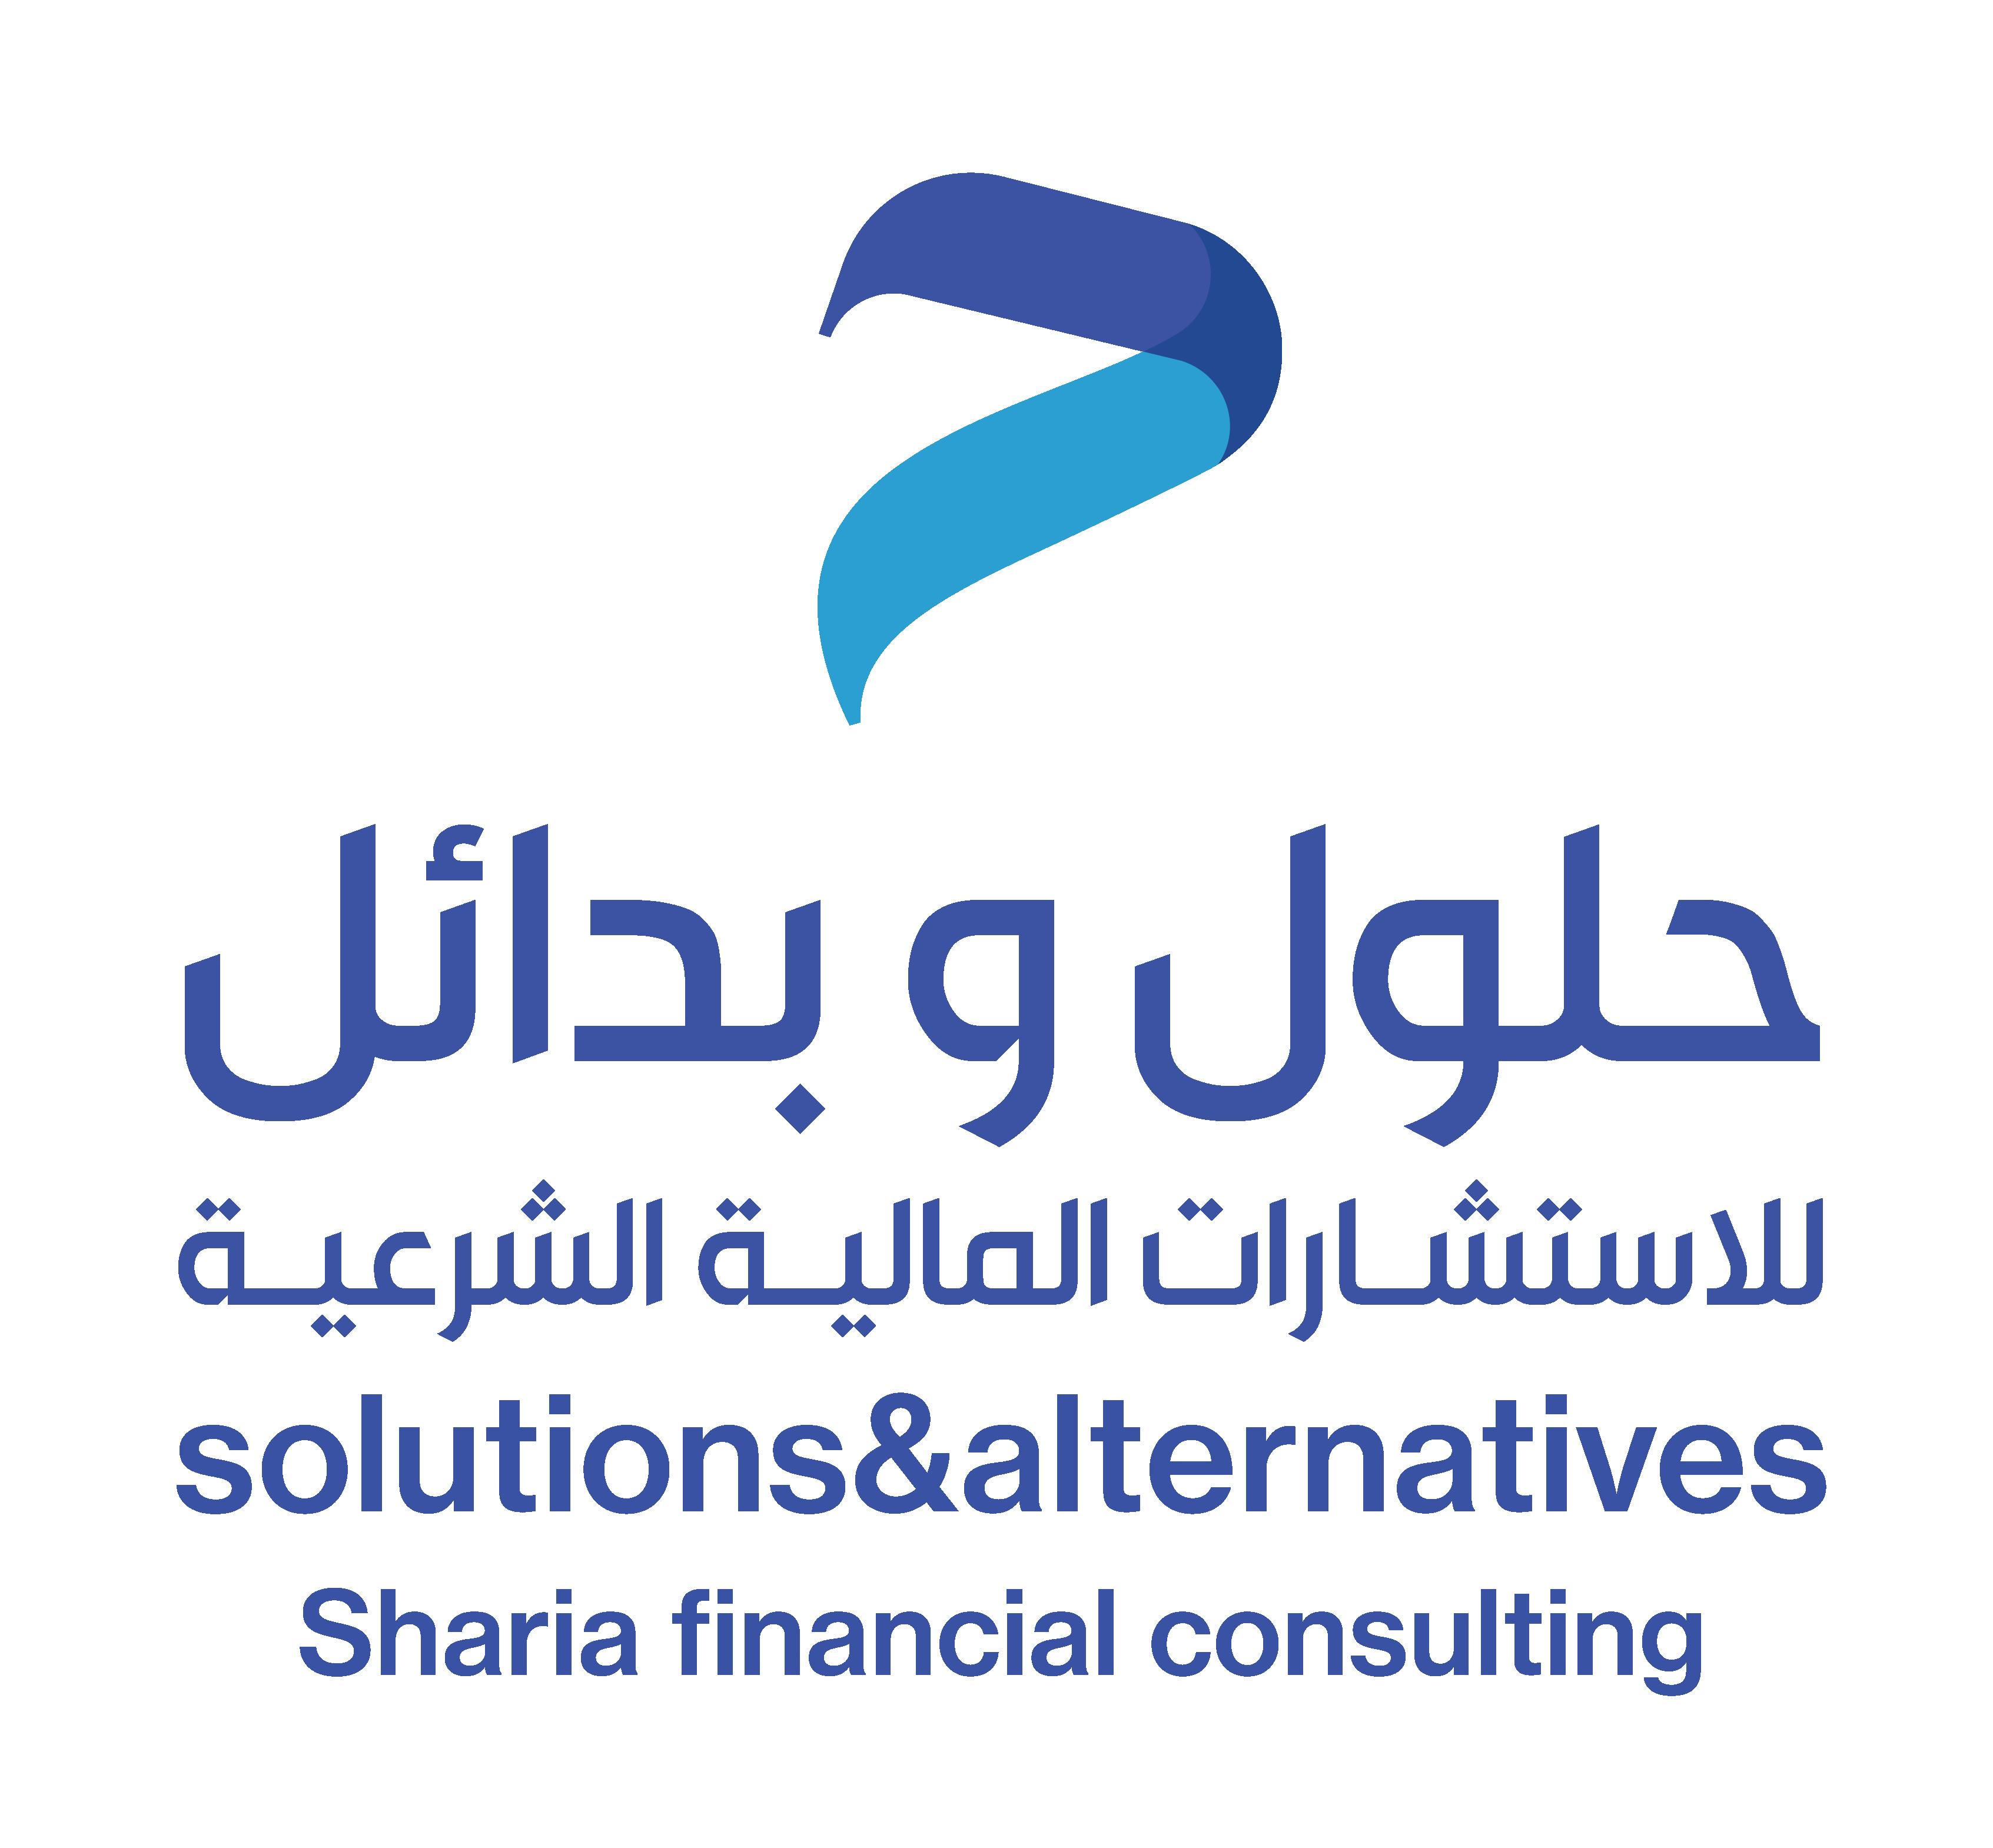 حلول وبدائل للاستشارات المالية الشرعية